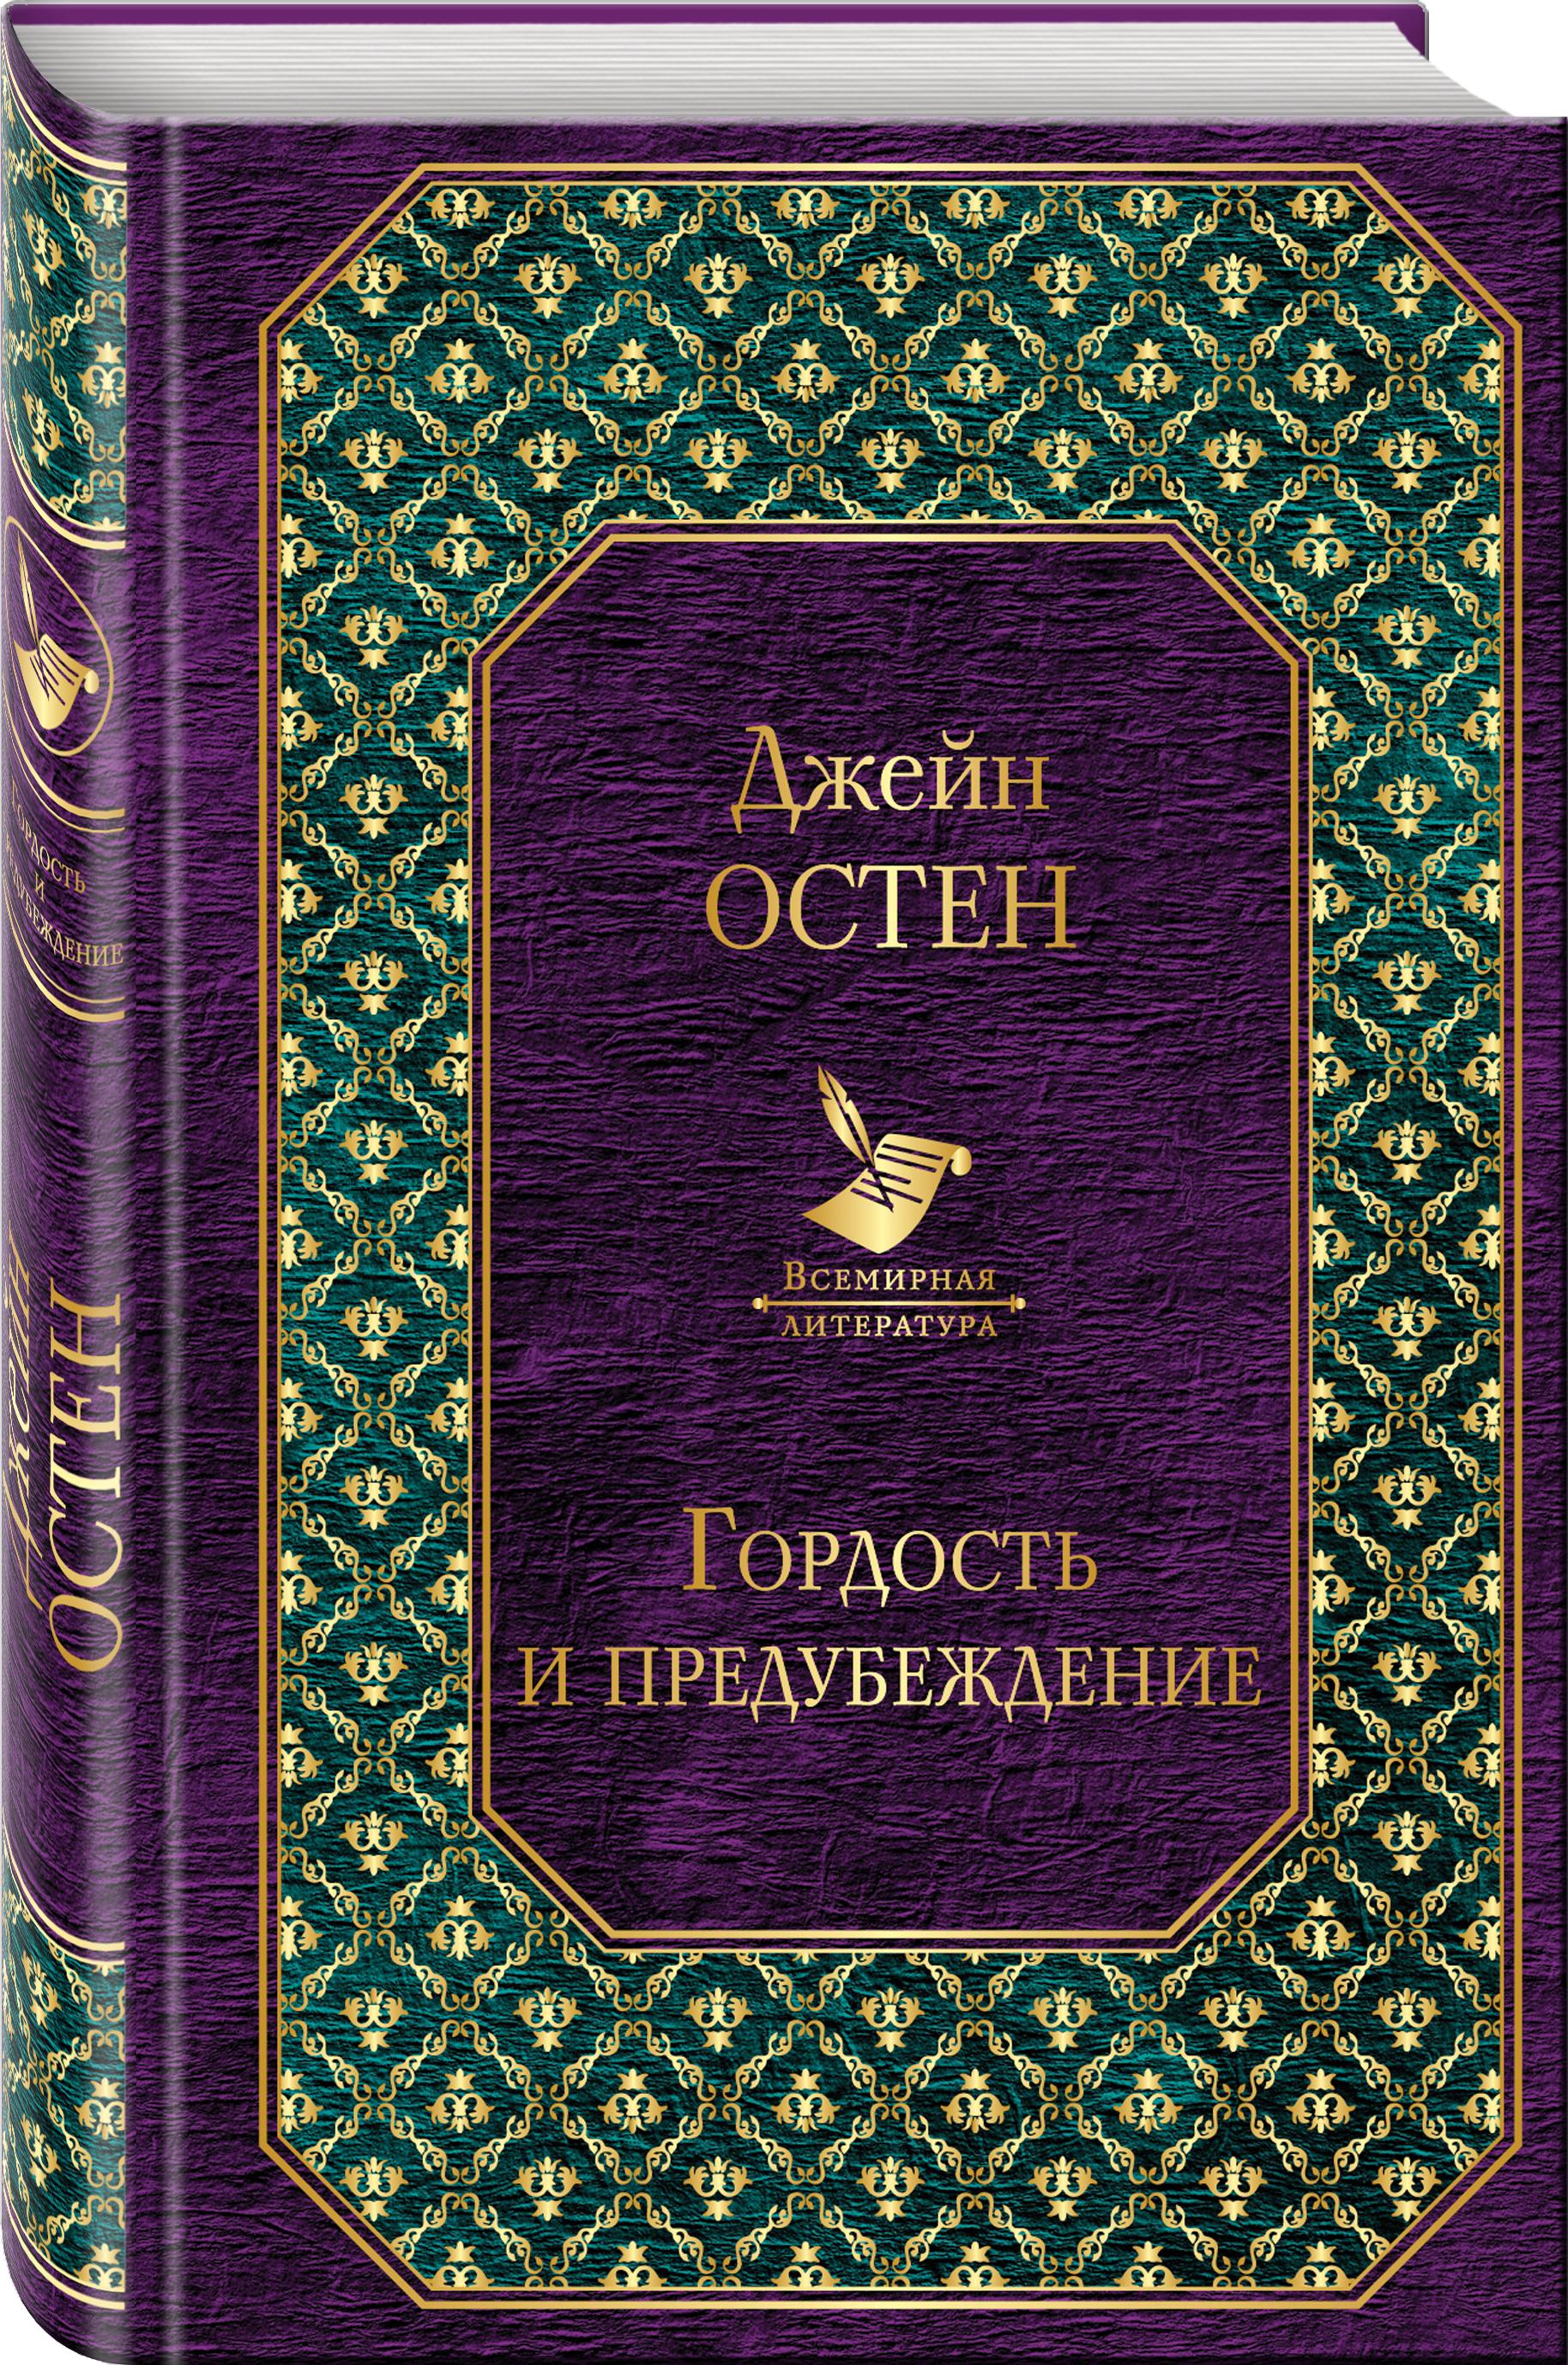 Гордость и предубеждение от book24.ru